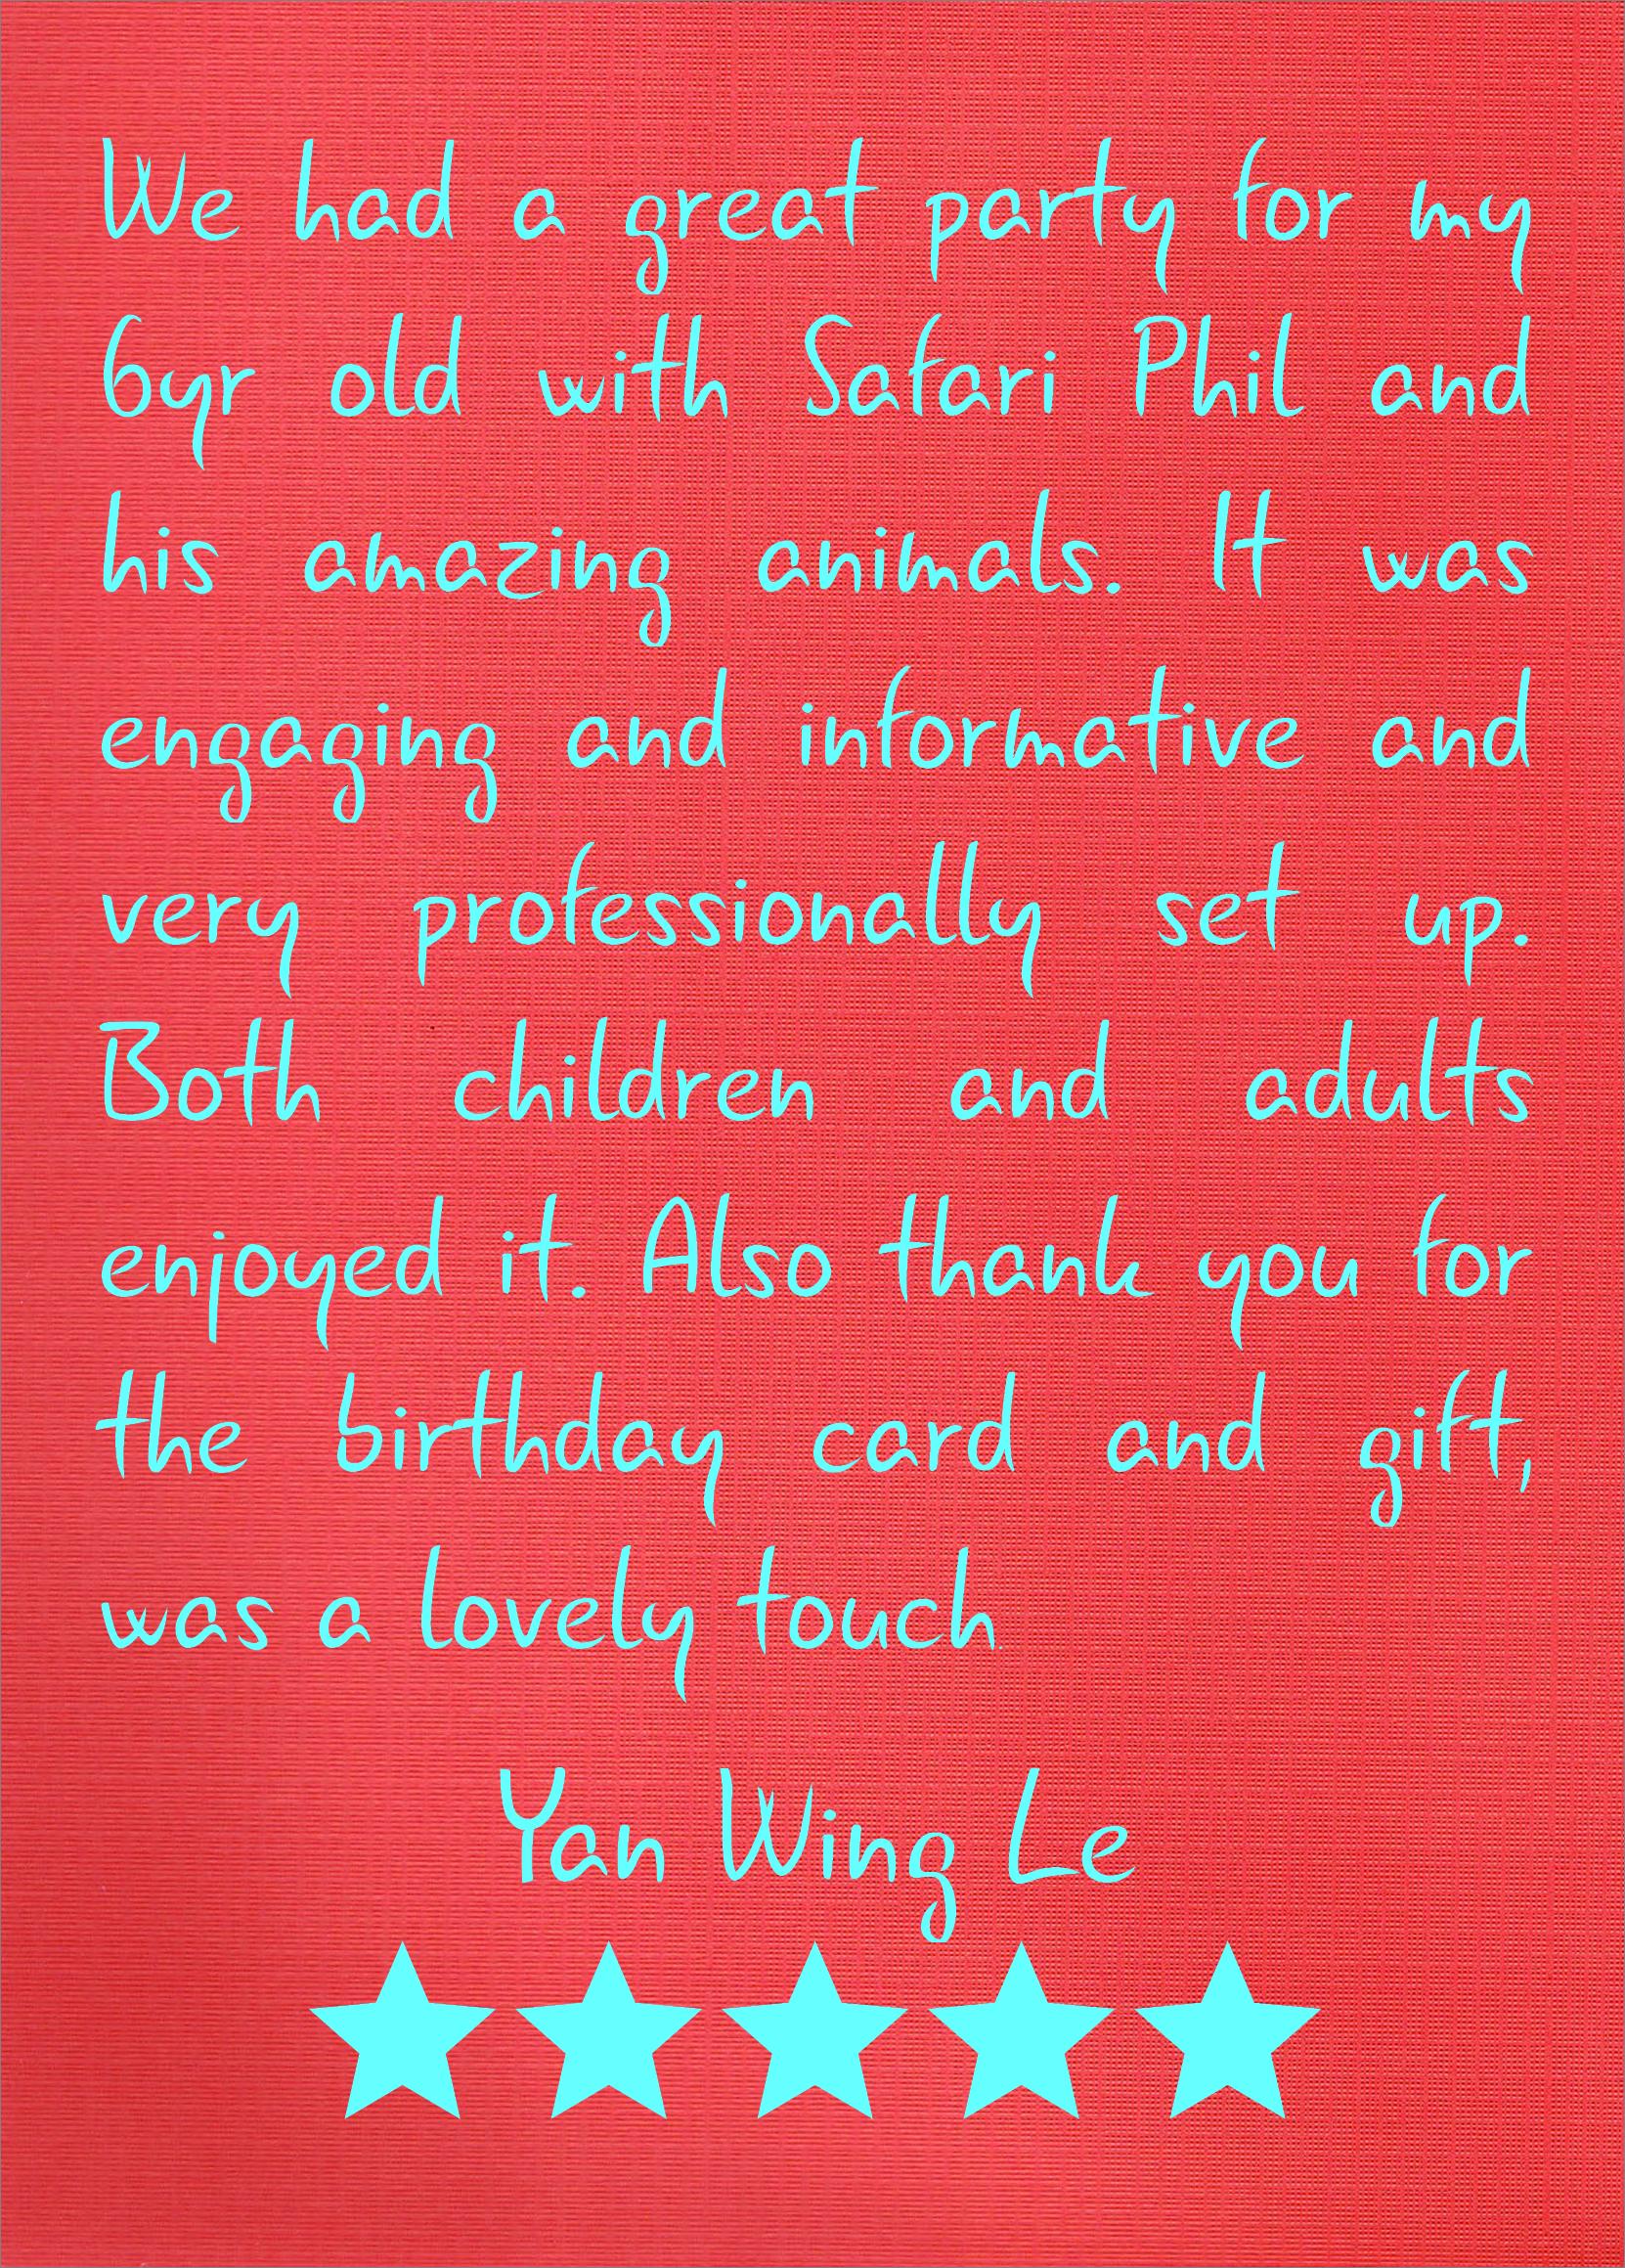 CP-Yan Wing Le  - fb